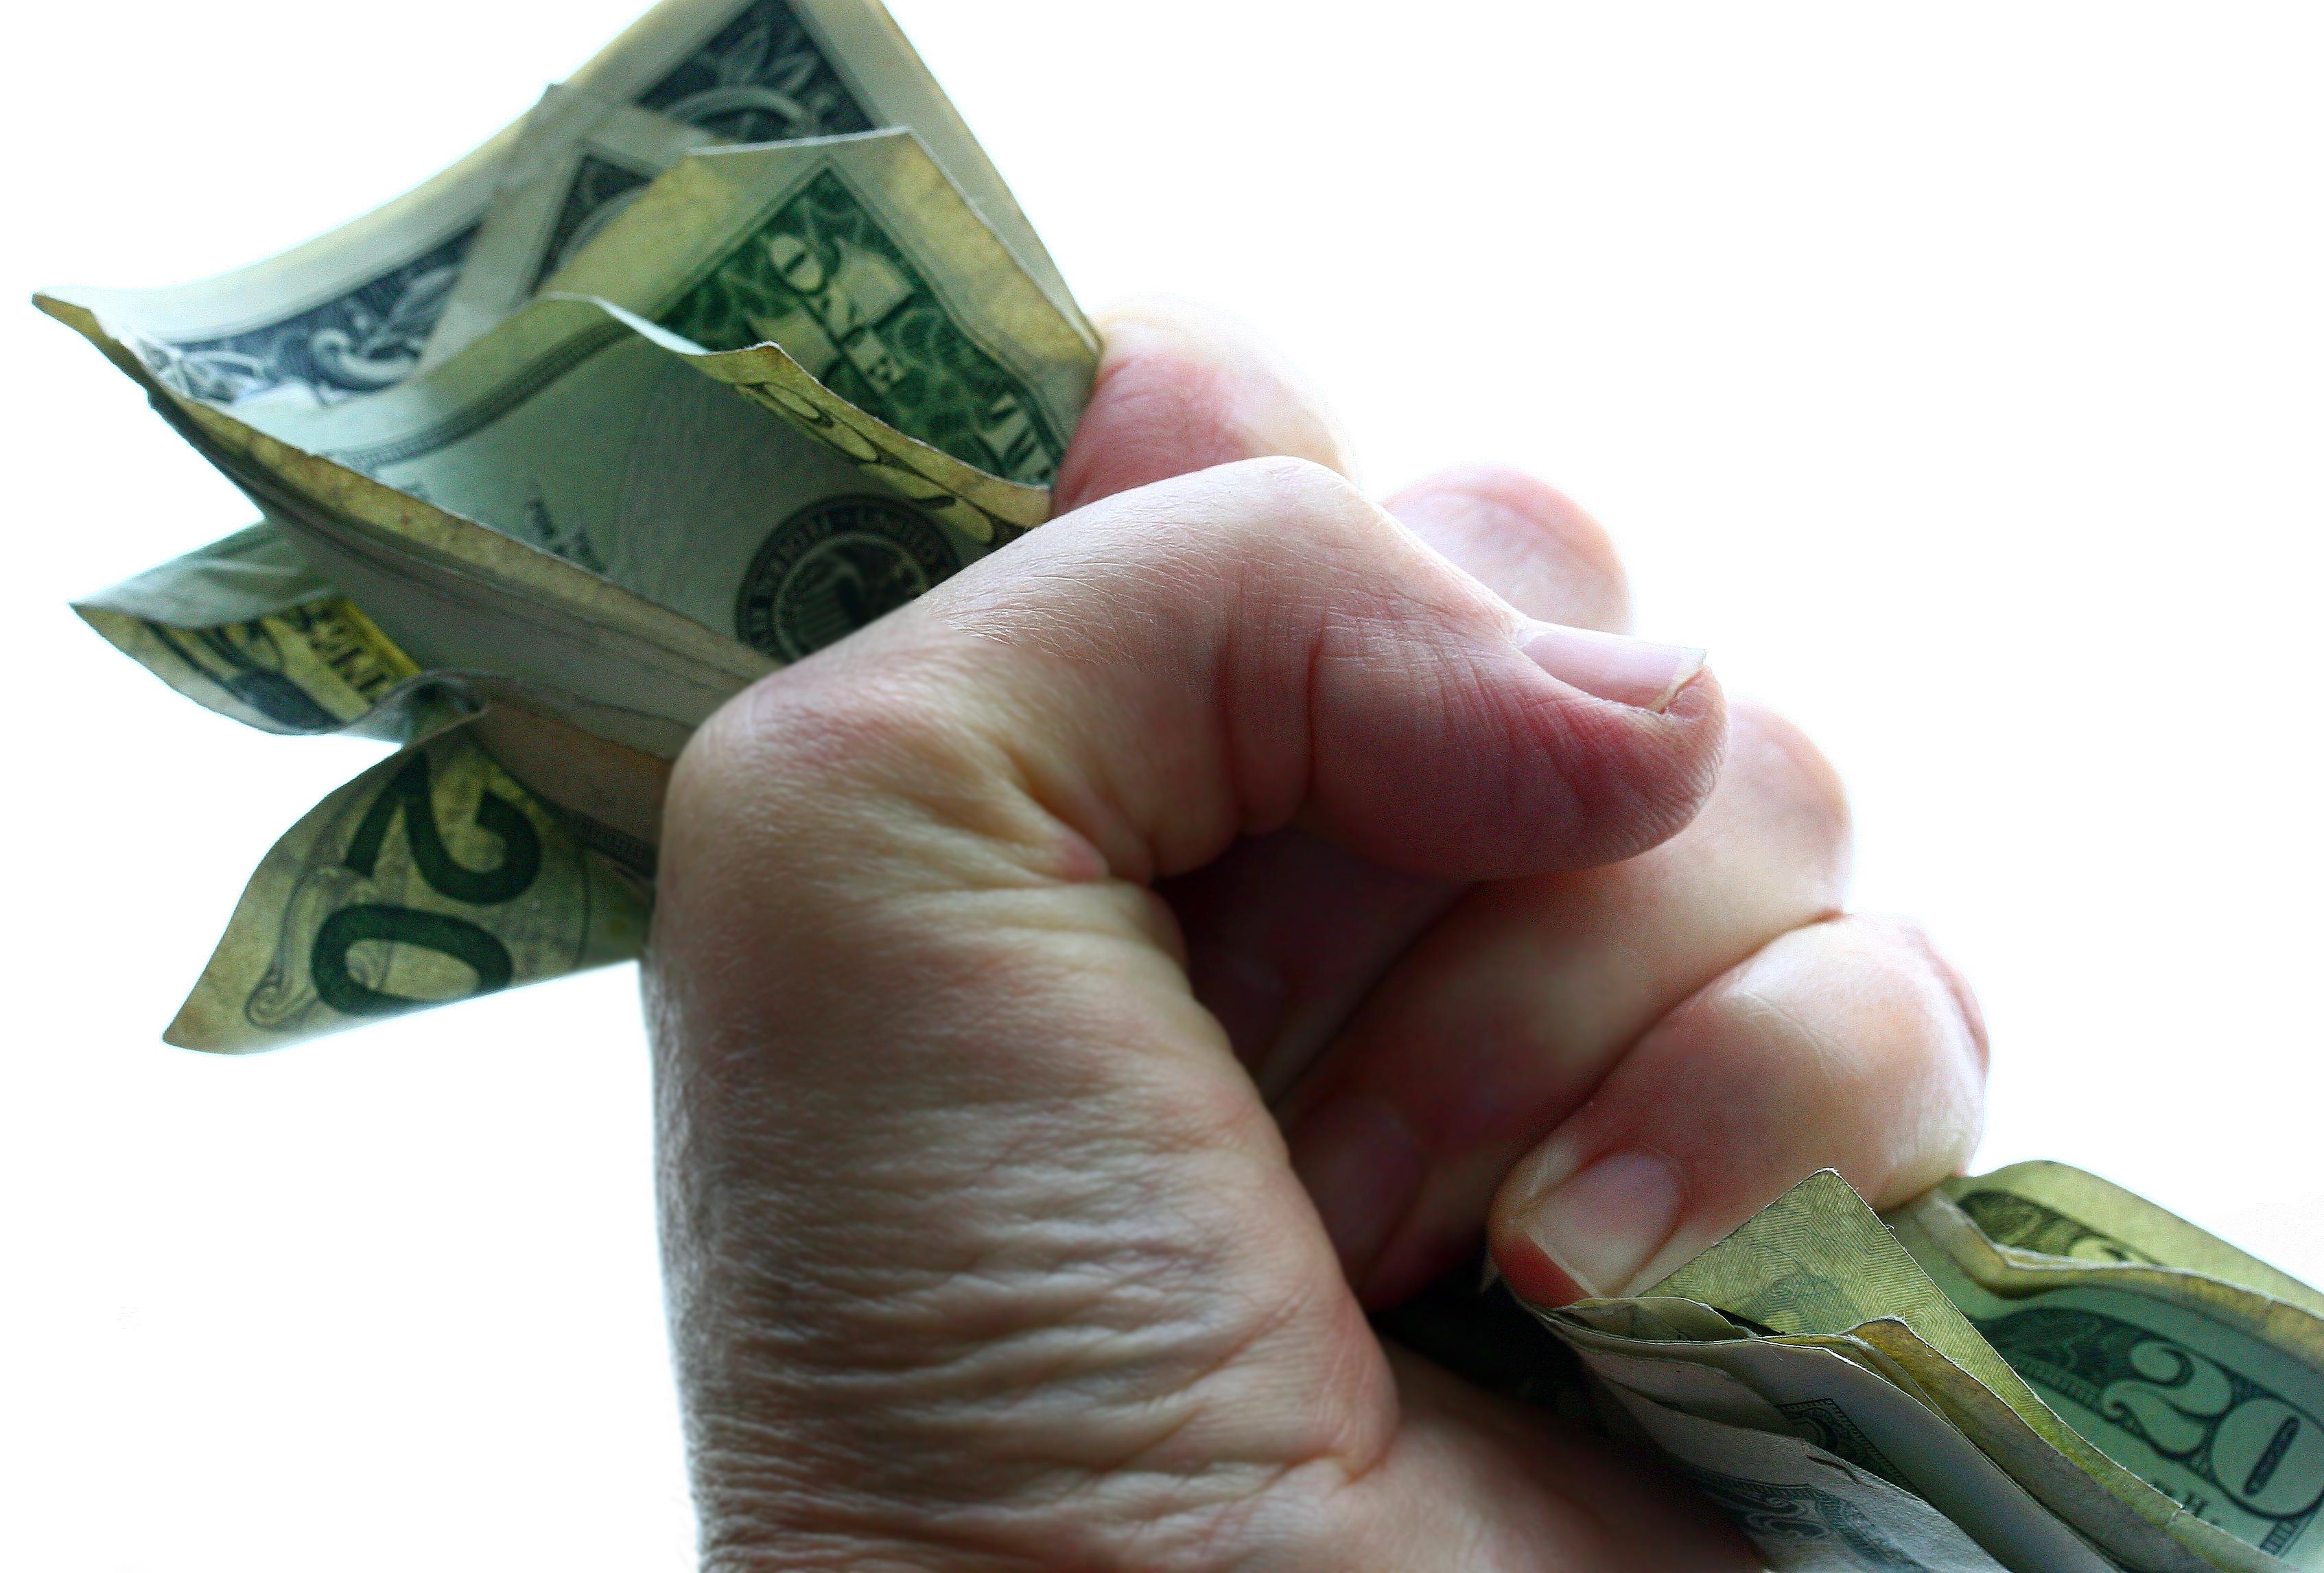 Money_Hand_thumb.jpg